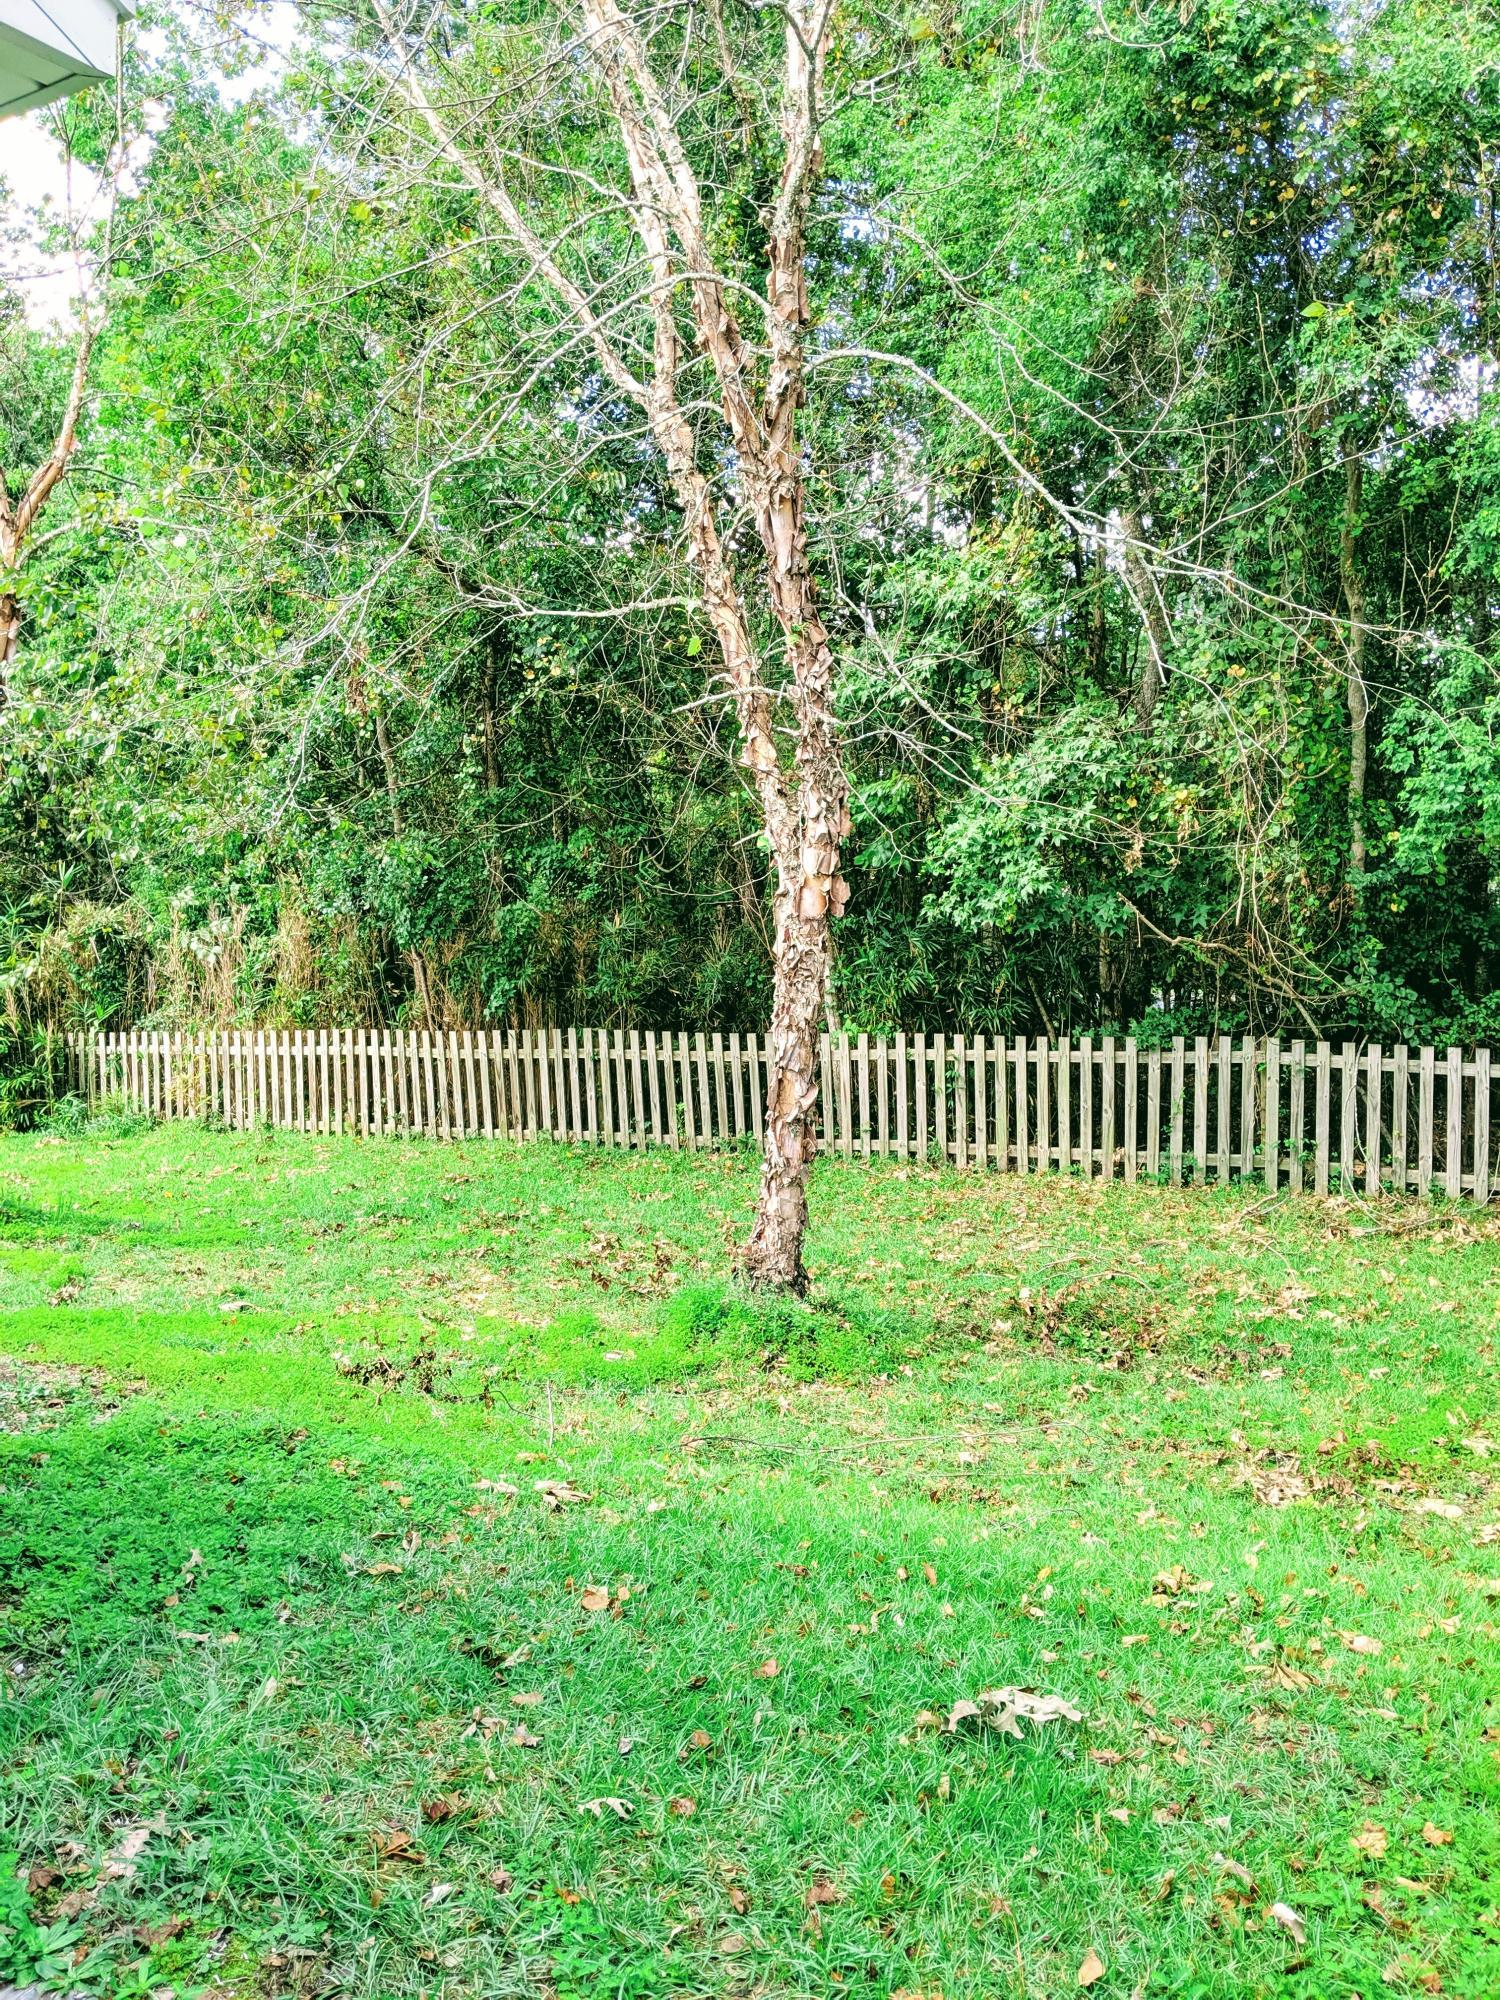 Park West Homes For Sale - 2131 Baldwin Park, Mount Pleasant, SC - 16